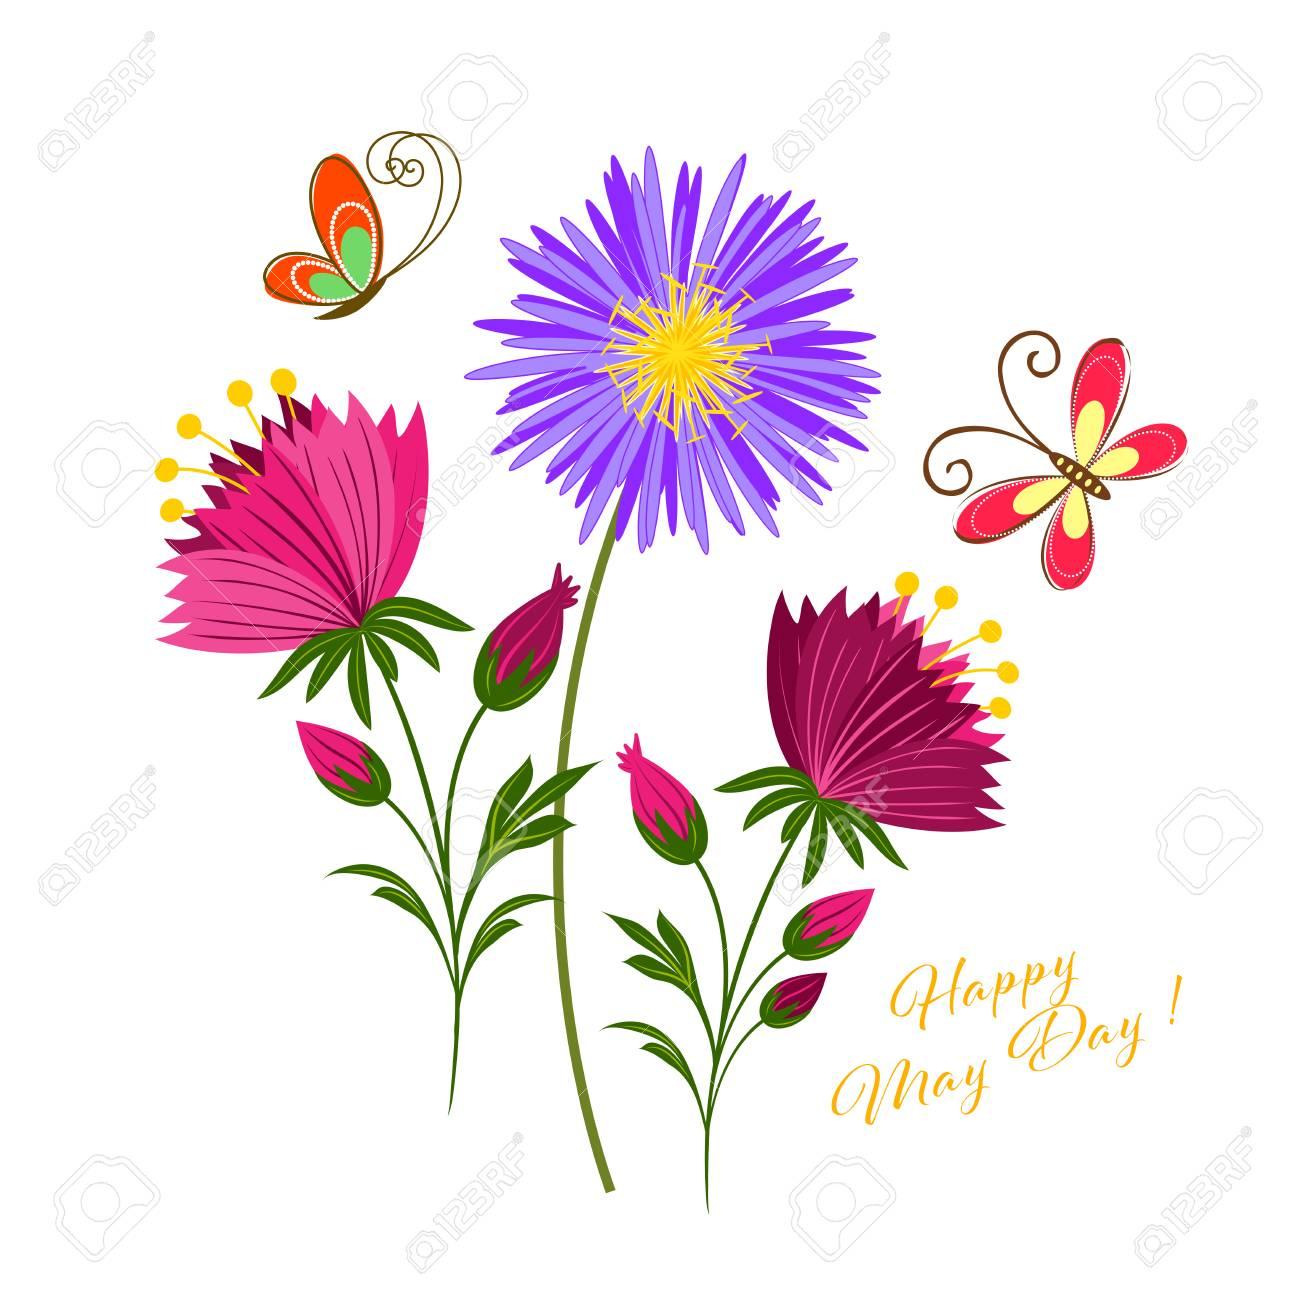 5 月 1 日カラフルな花と蝶背景のイラスト素材 ベクタ Image